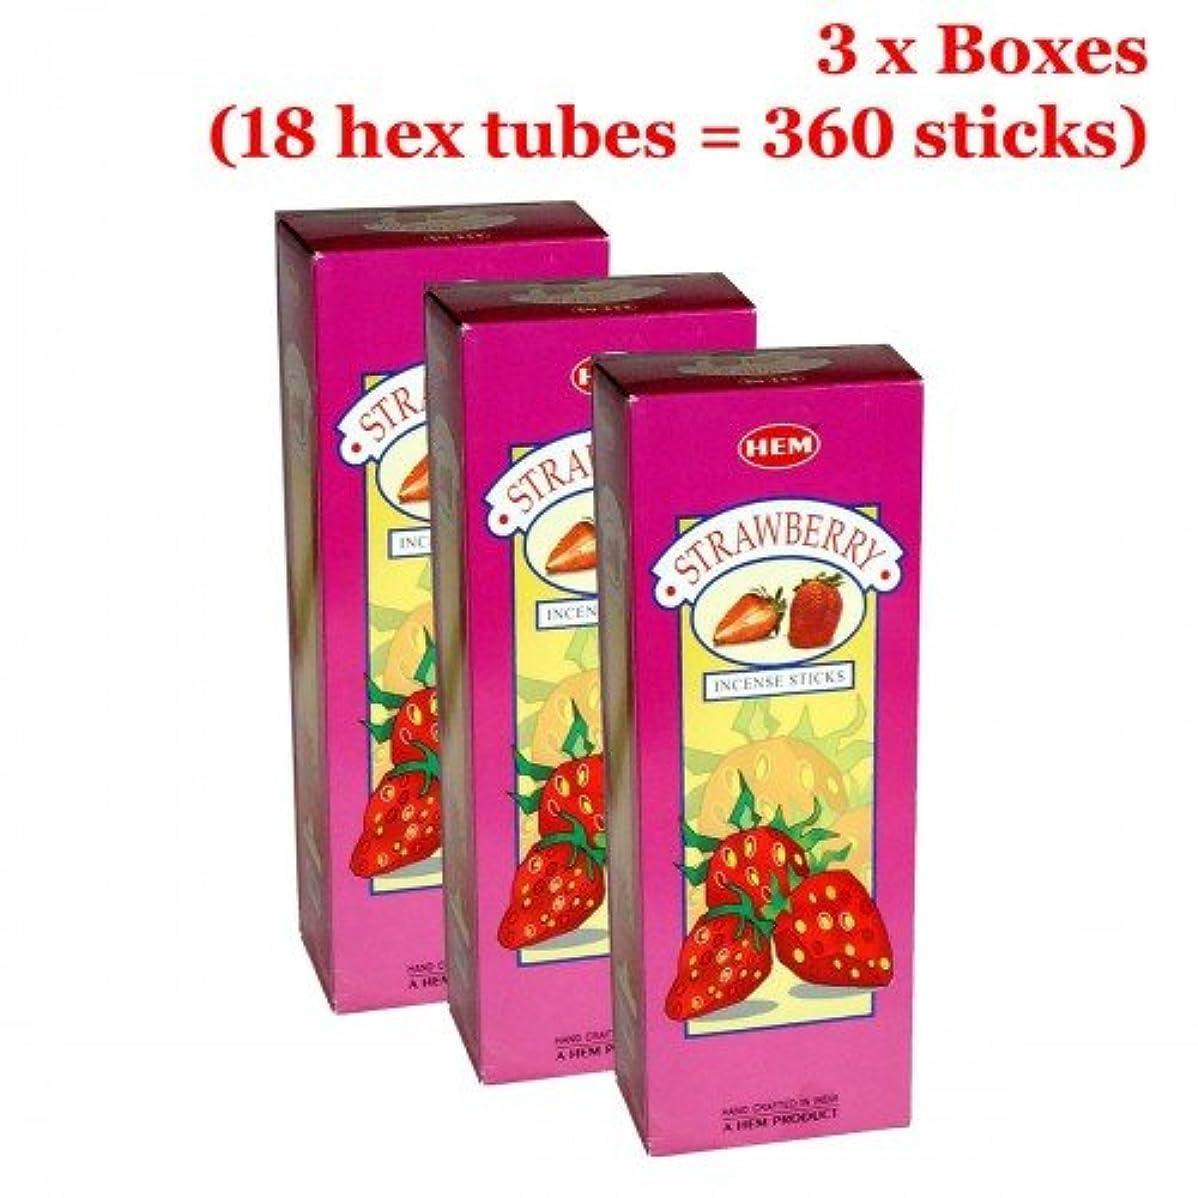 限られたスタッフ固有のHemストロベリー香、3ボックス – (360 Sticksバルクper order)